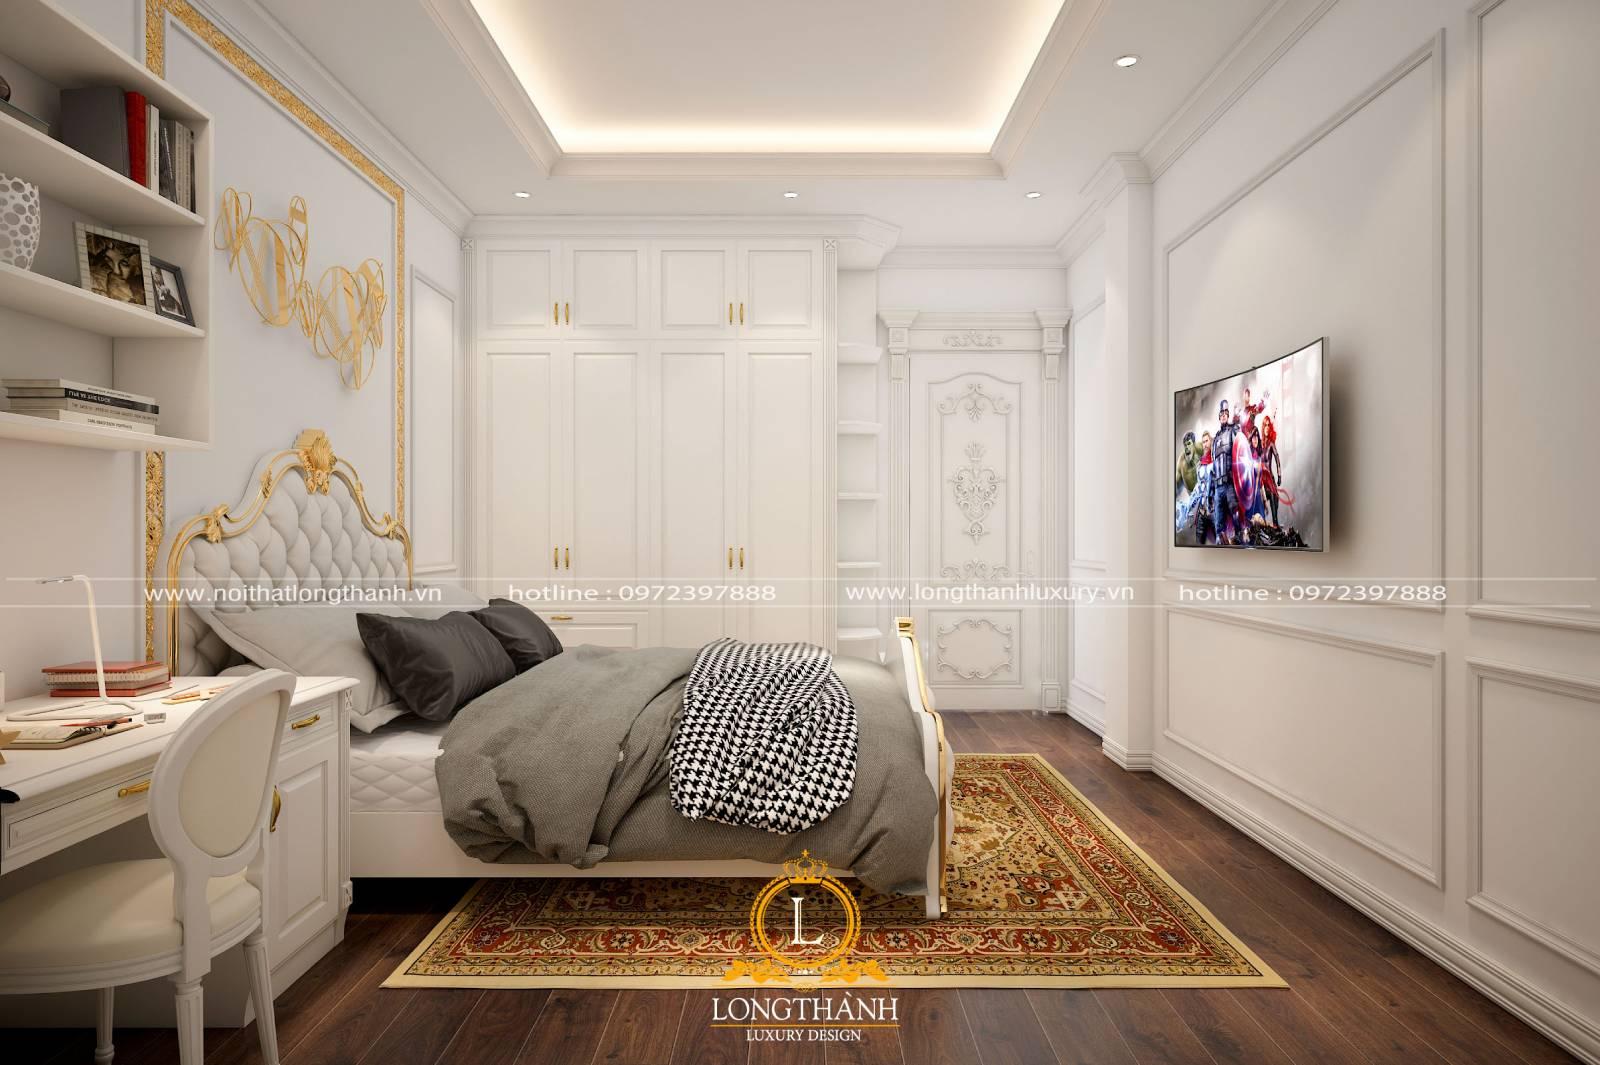 Cửa gỗ tự nhiên cho phòng ngủ hiện đại với màu sơn trắng cao cấp